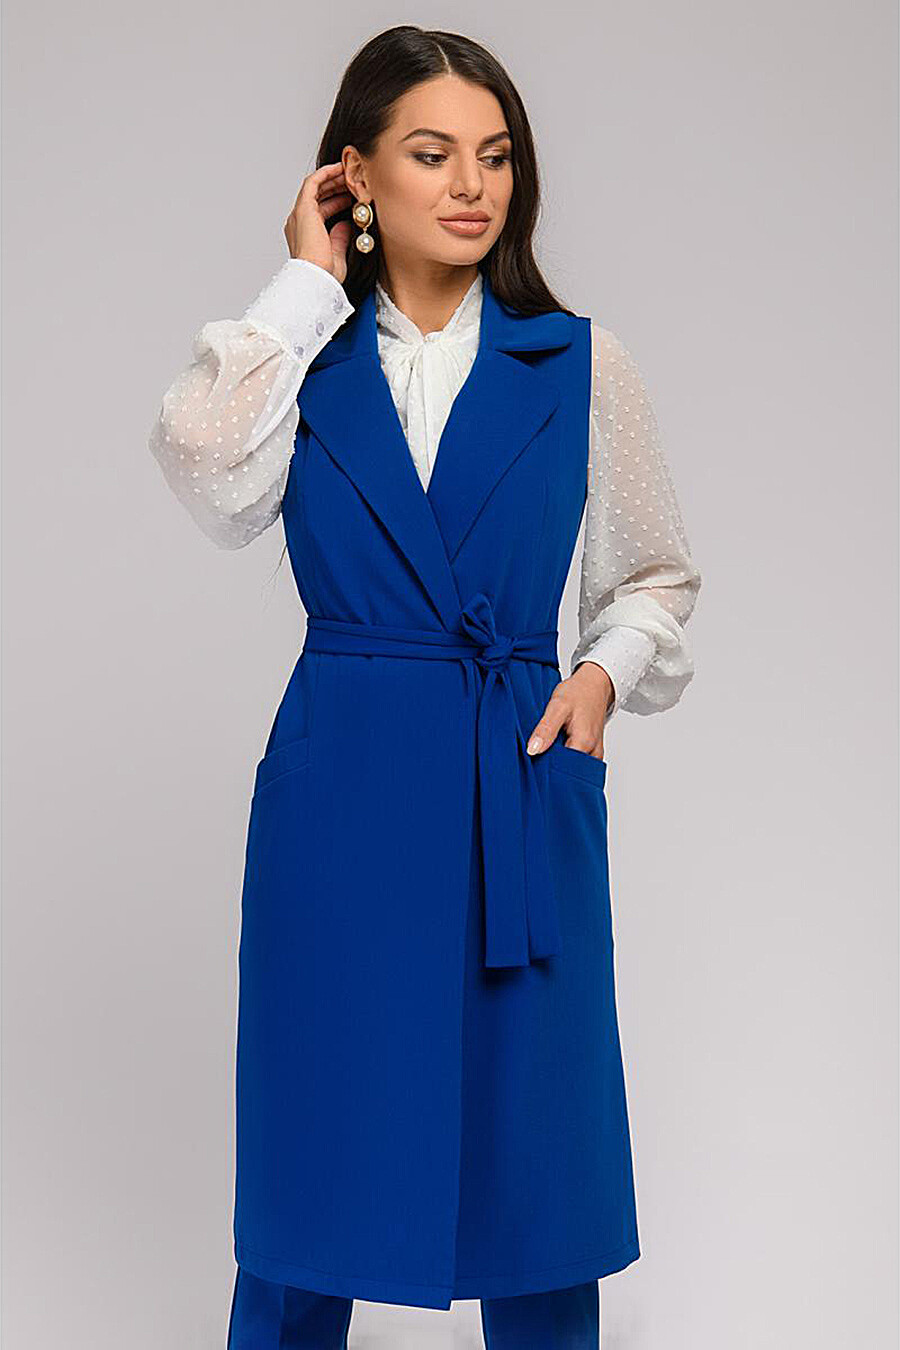 Жилет для женщин 1001 DRESS 159062 купить оптом от производителя. Совместная покупка женской одежды в OptMoyo